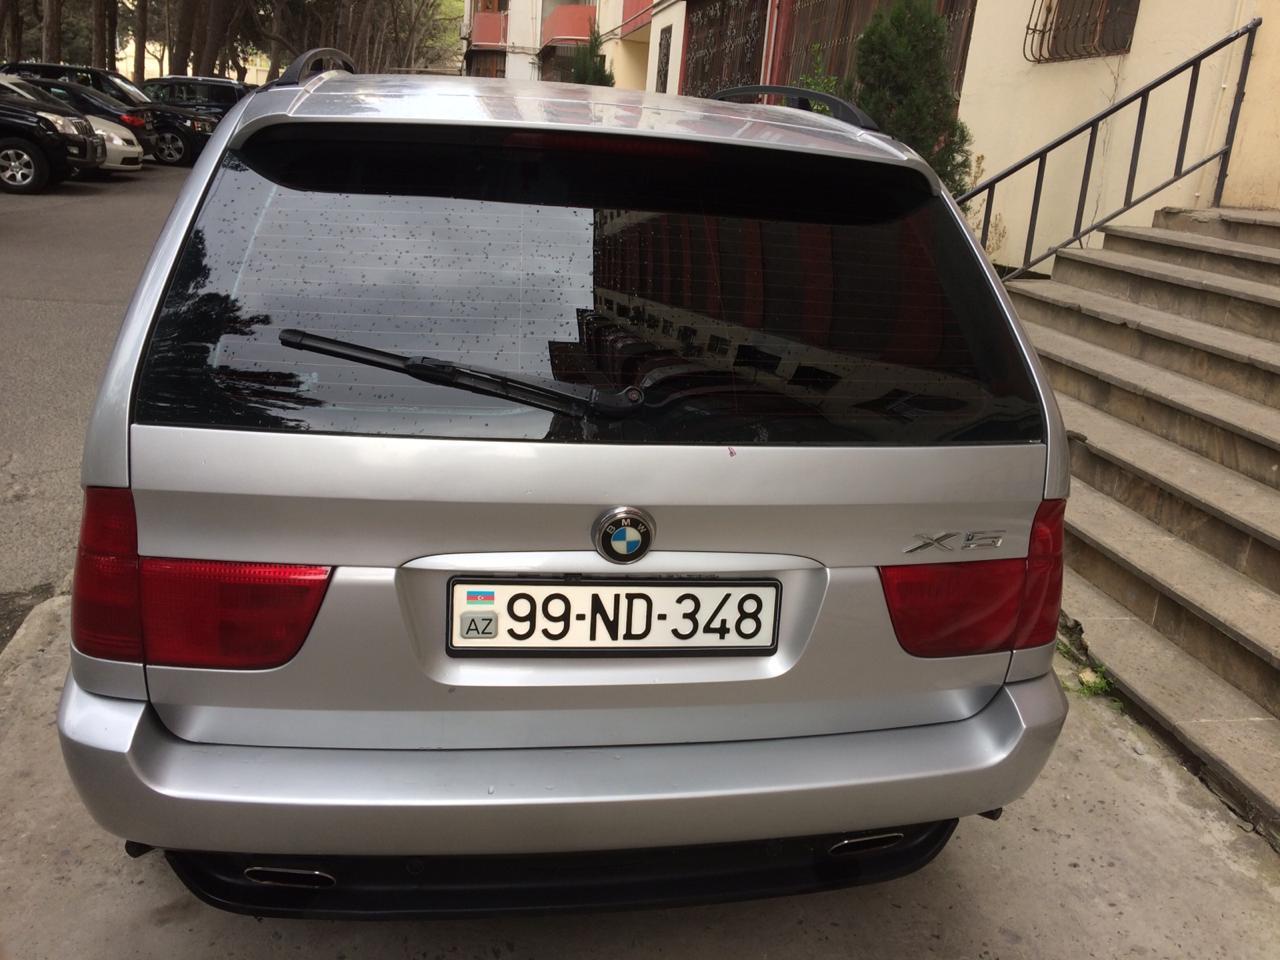 BMW X5 3.0(lt) 2001 İkinci əl  $15000